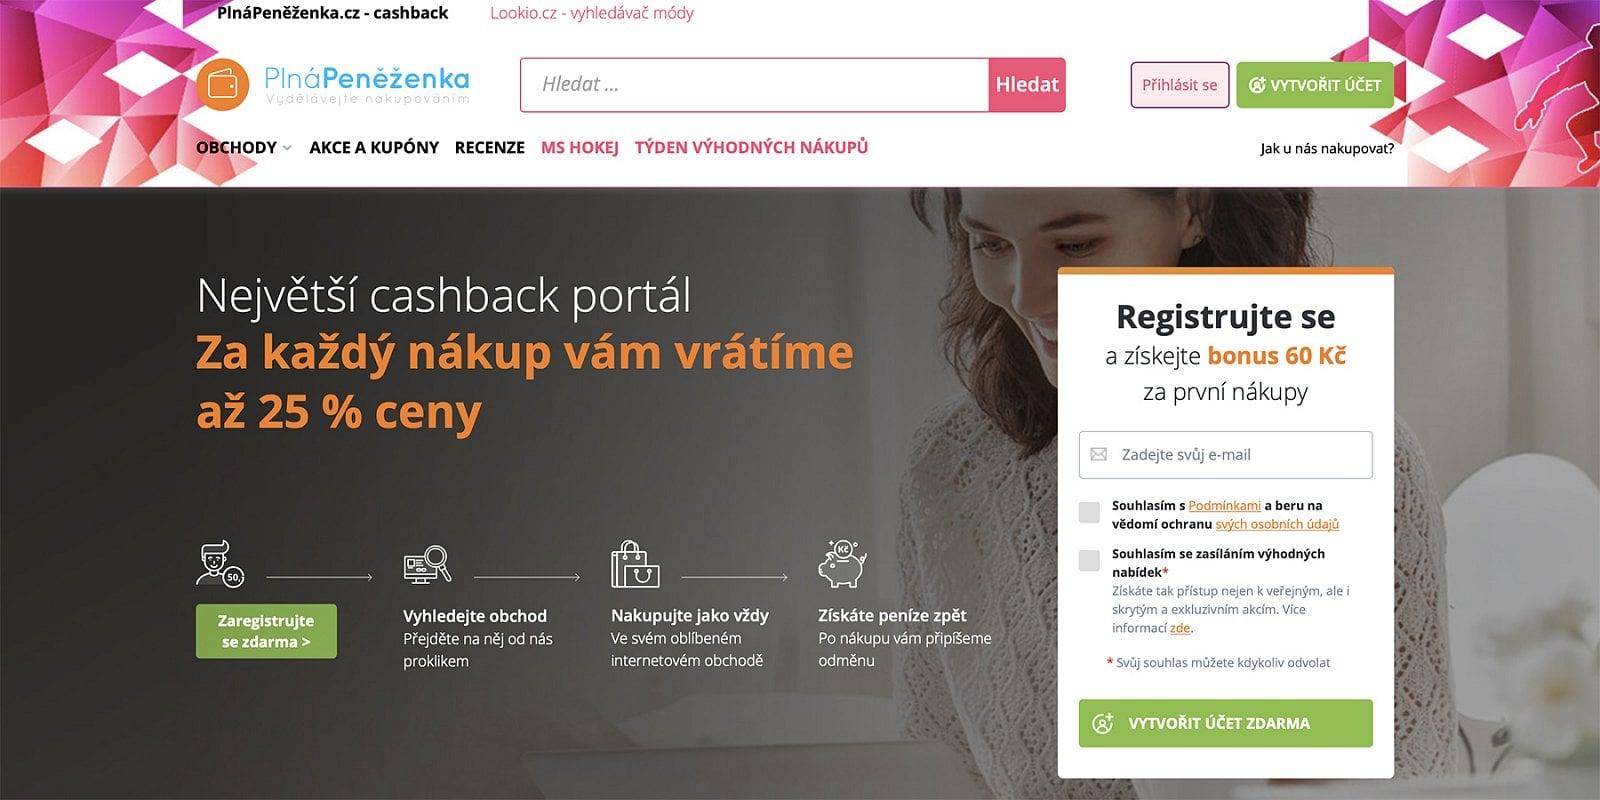 České cashback portály